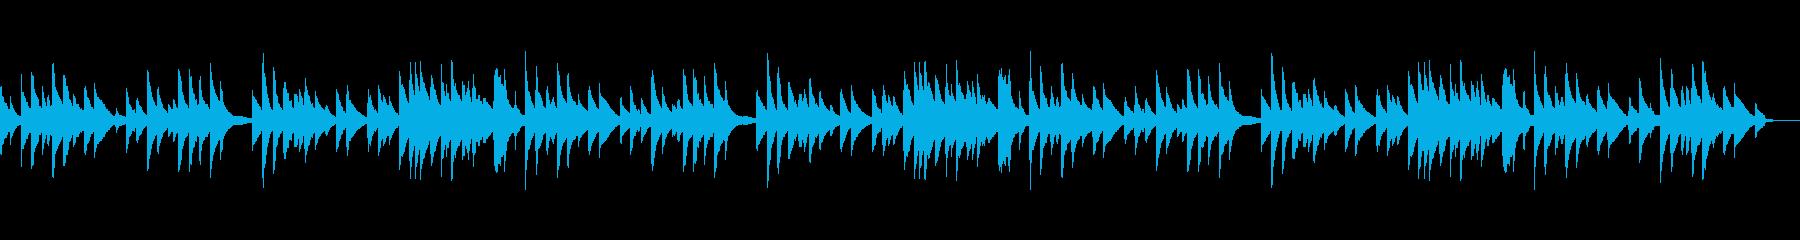 故郷〜ふるさと ピアノ伴奏■ピアノソロの再生済みの波形